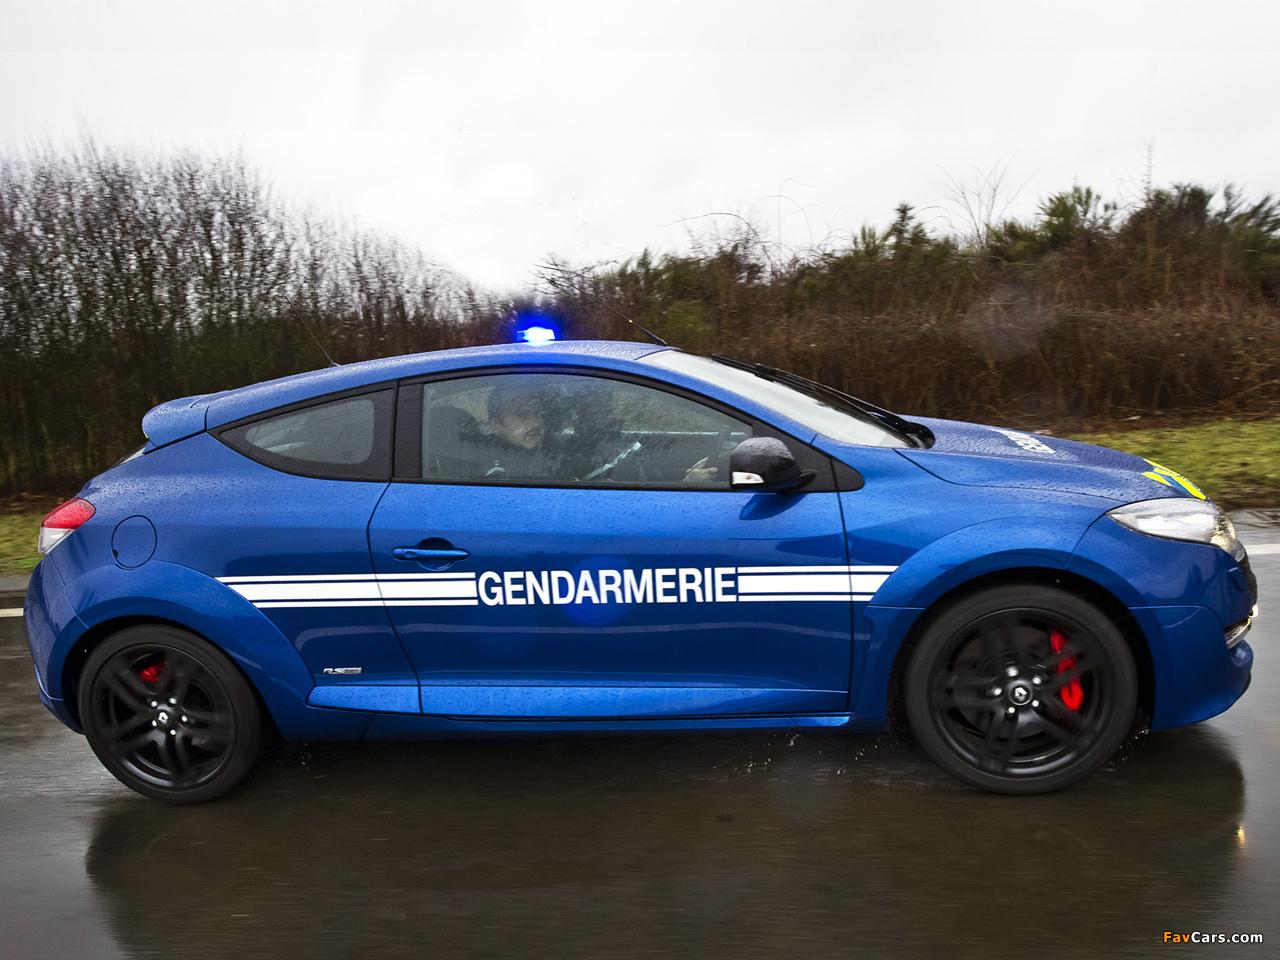 renault megane rs gendarmerie 2010 images 1280x960